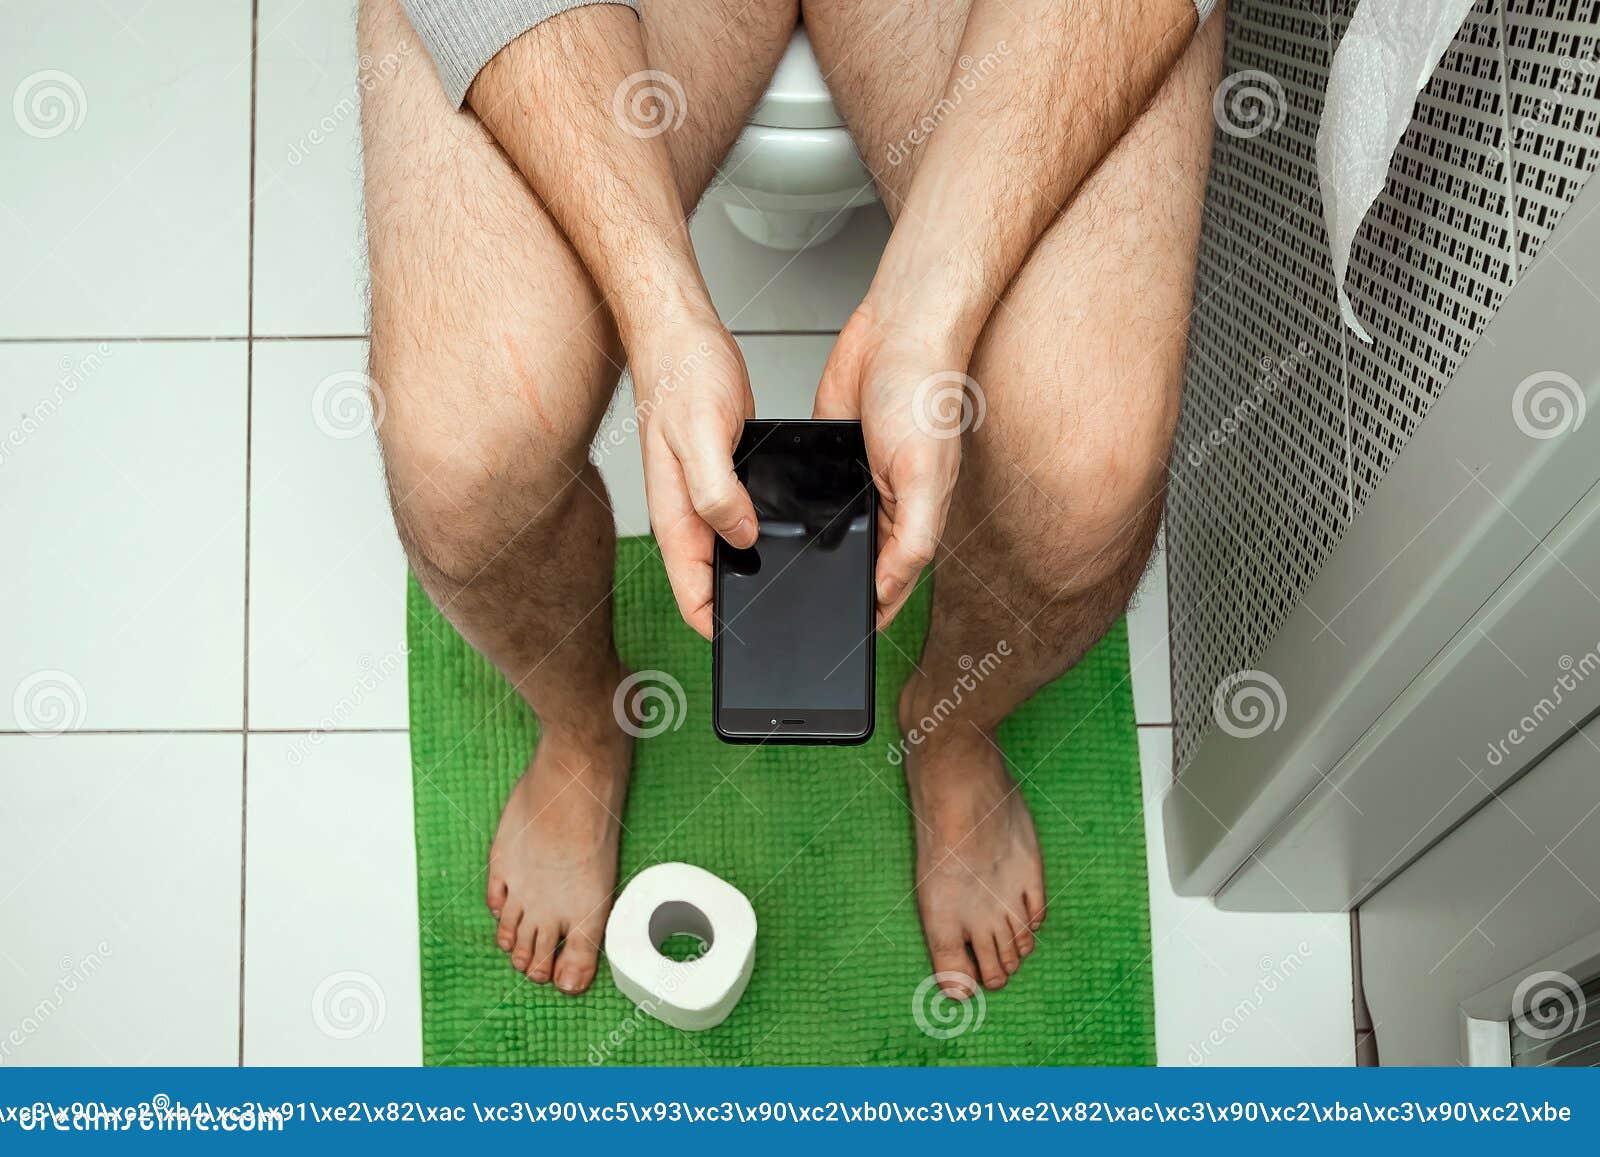 Ein Mann, der auf der Toilette hält einen Smartphone in seinen Händen, Draufsicht sitzt Das Konzept von Problemen mit dem Stuhl